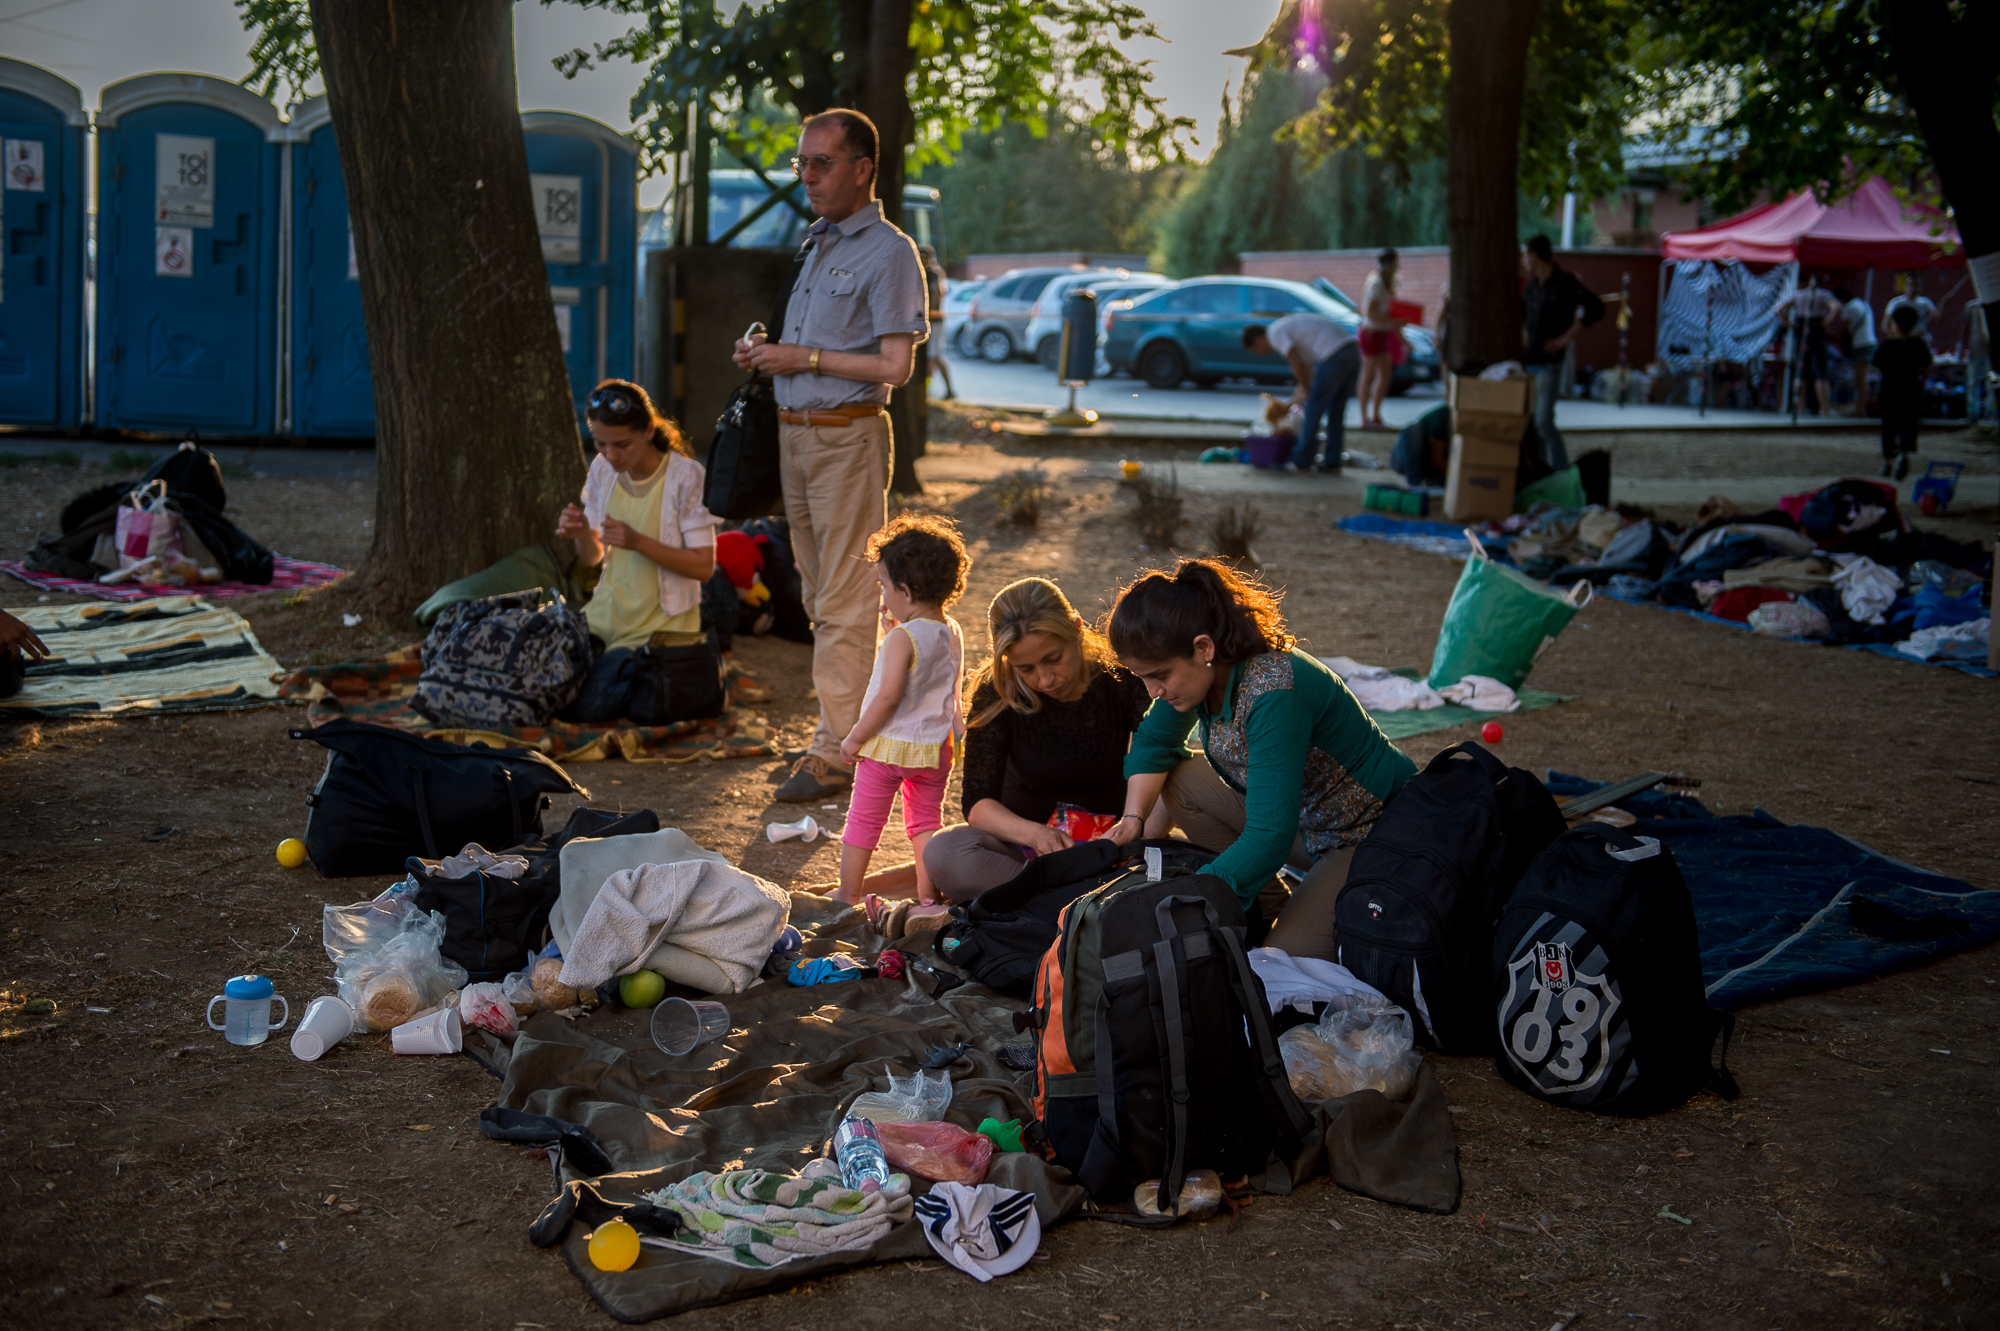 Szír menekültek a civilek által működő várakozó helyen a pécsi vasútállomás mellett 2015. augusztus 31-én.